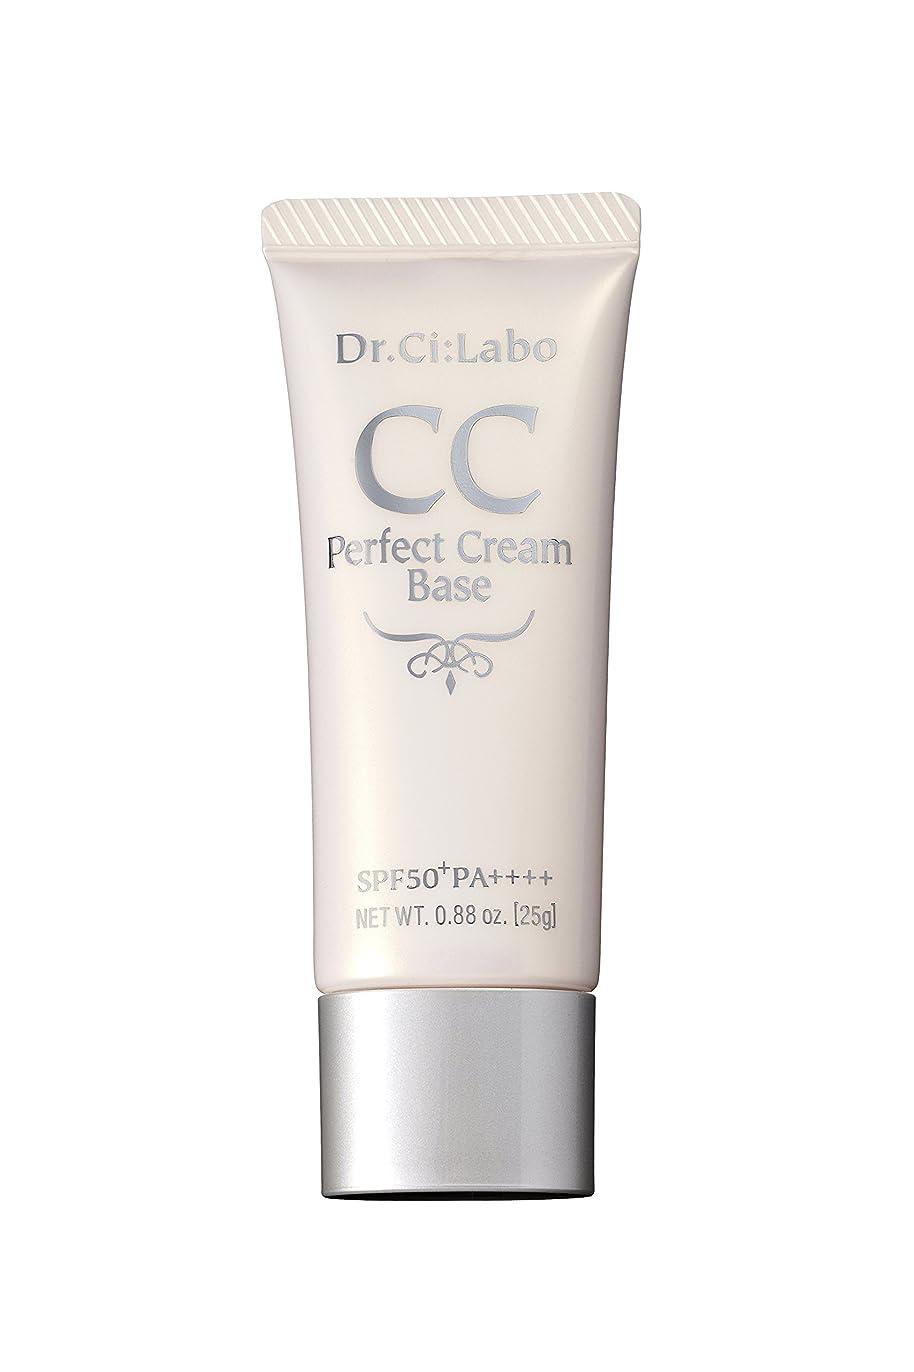 ピストル反対するパキスタン人ドクターシーラボ CCパーフェクトクリーム ベース 皮脂吸着パウダー配合 日焼け止め 化粧下地 ファンデーション